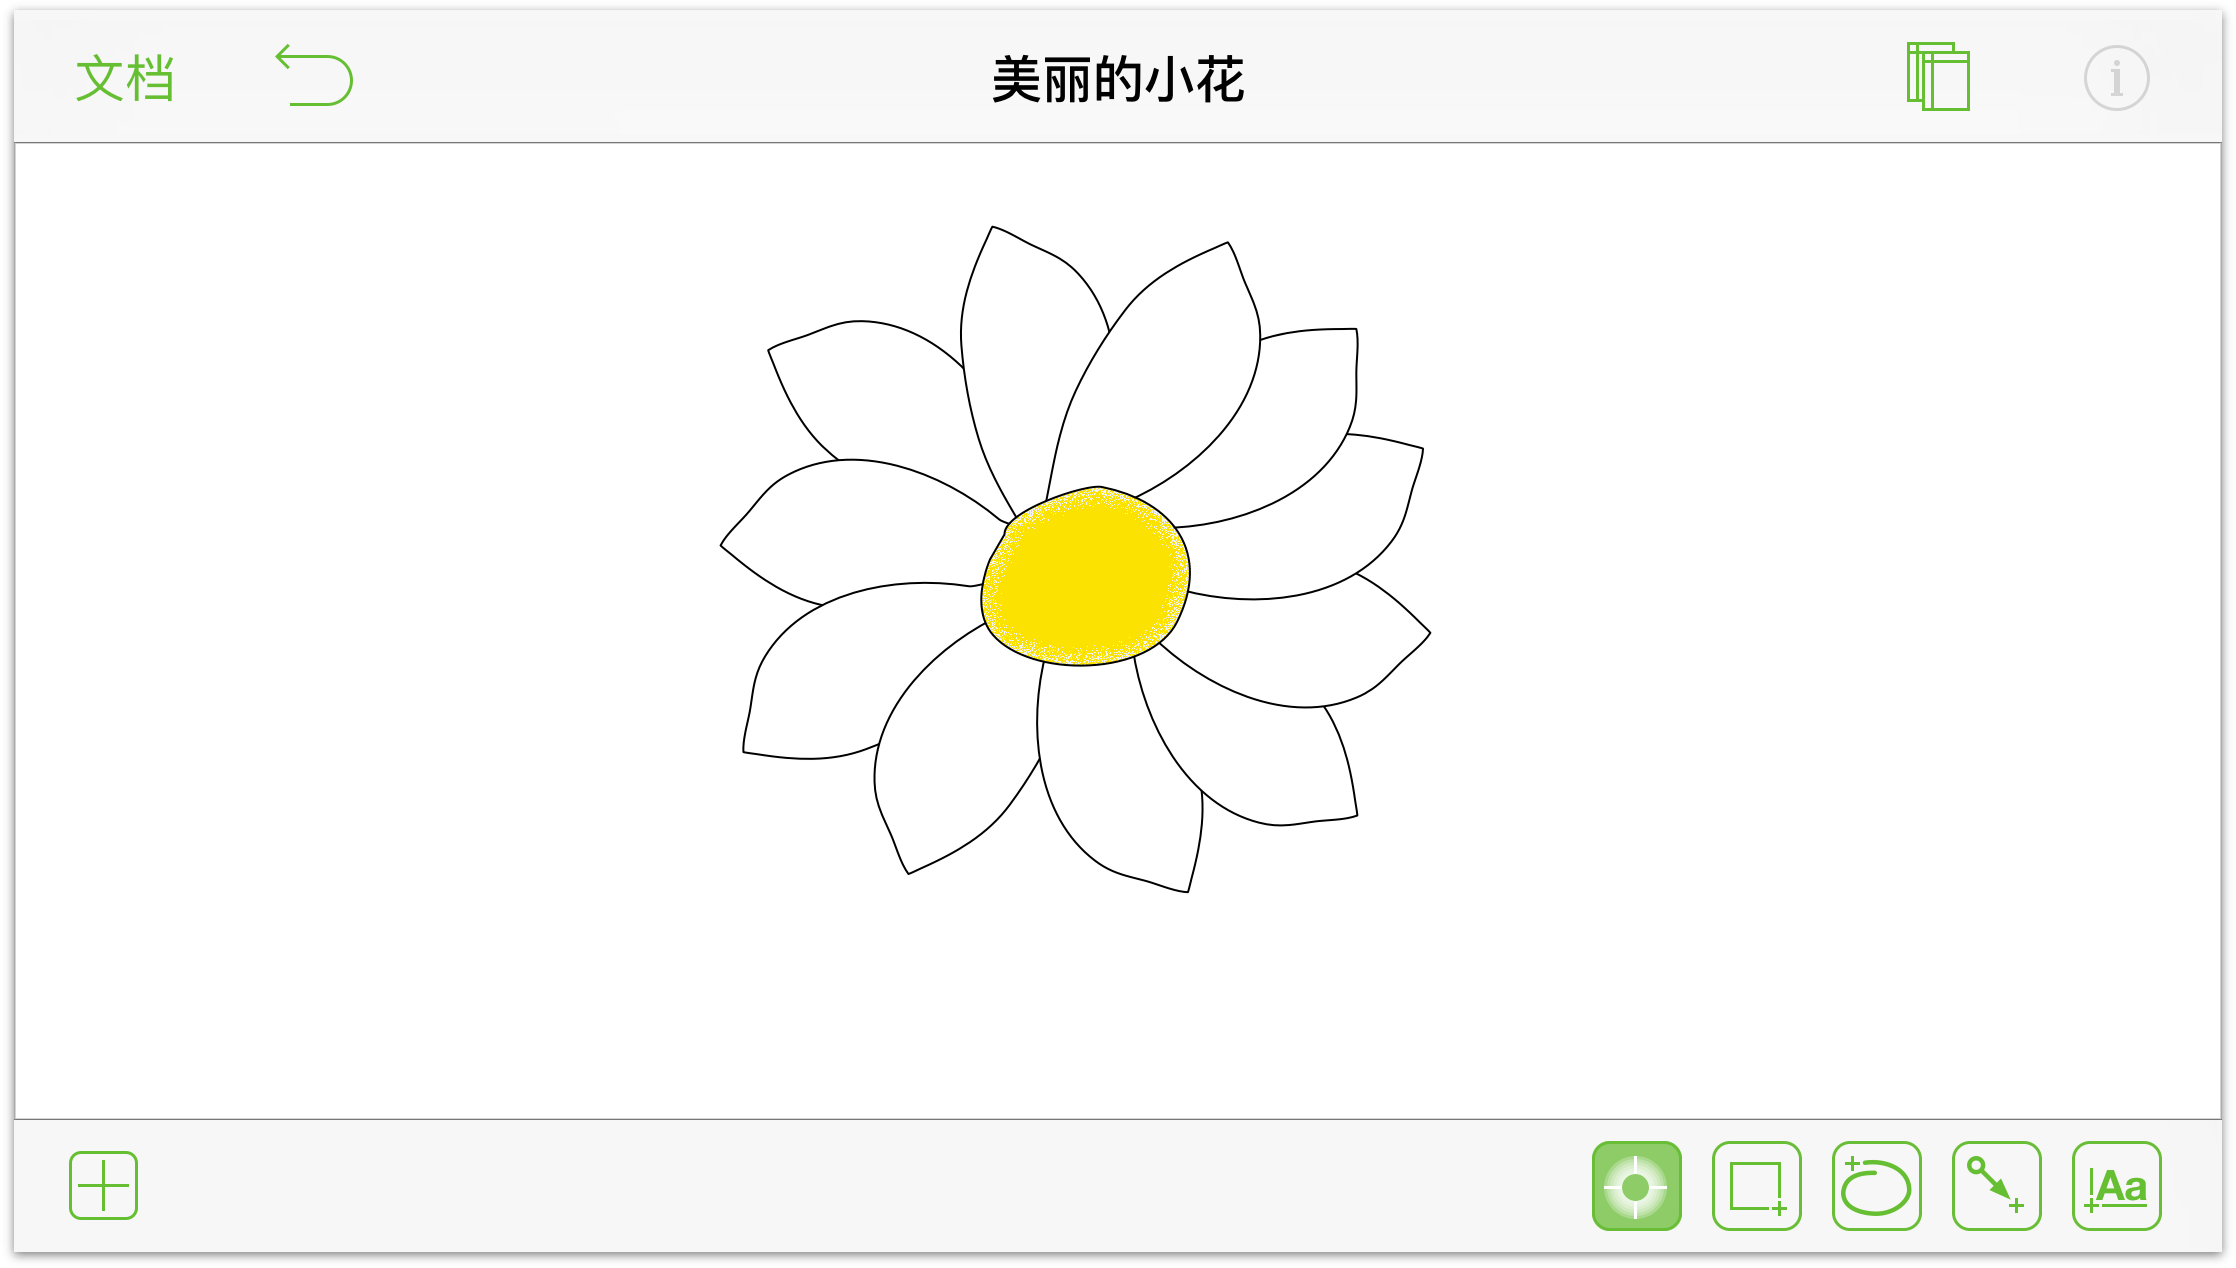 花朵绘图,在 OmniGraffle 中创建